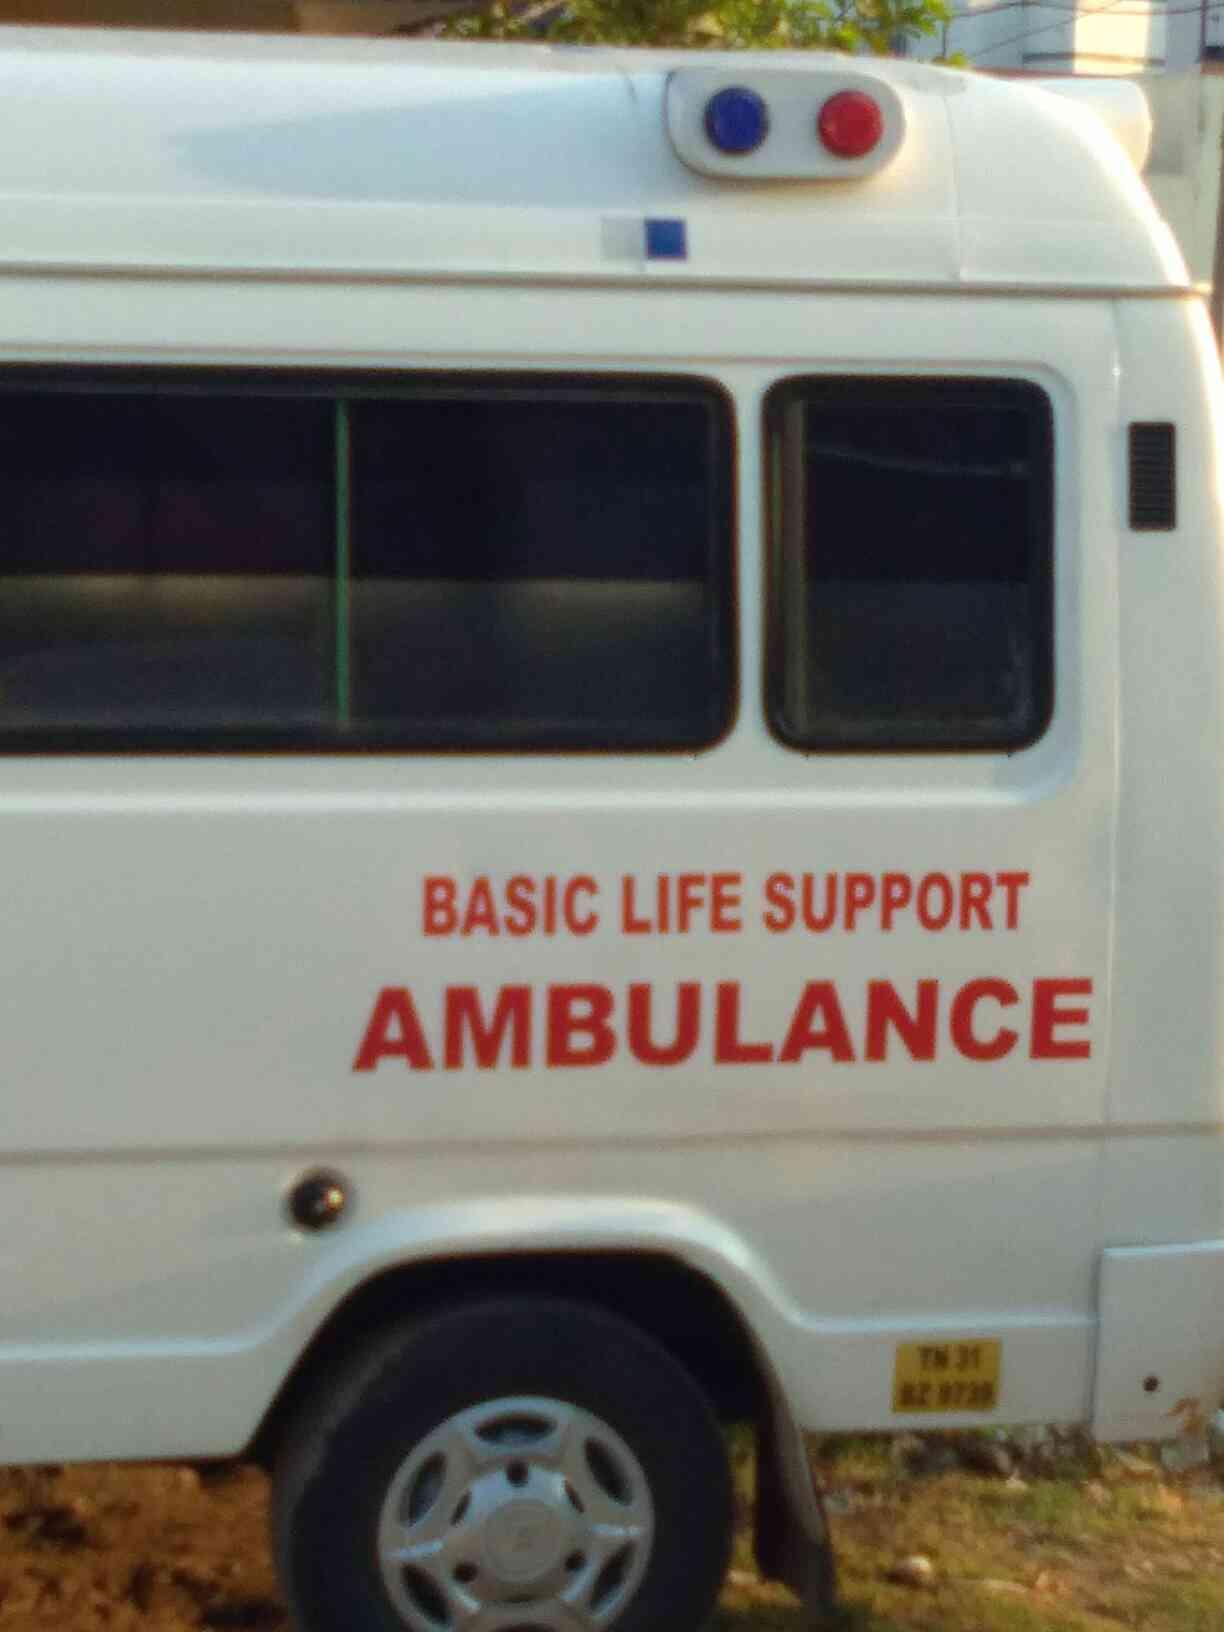 Indian ambulance service